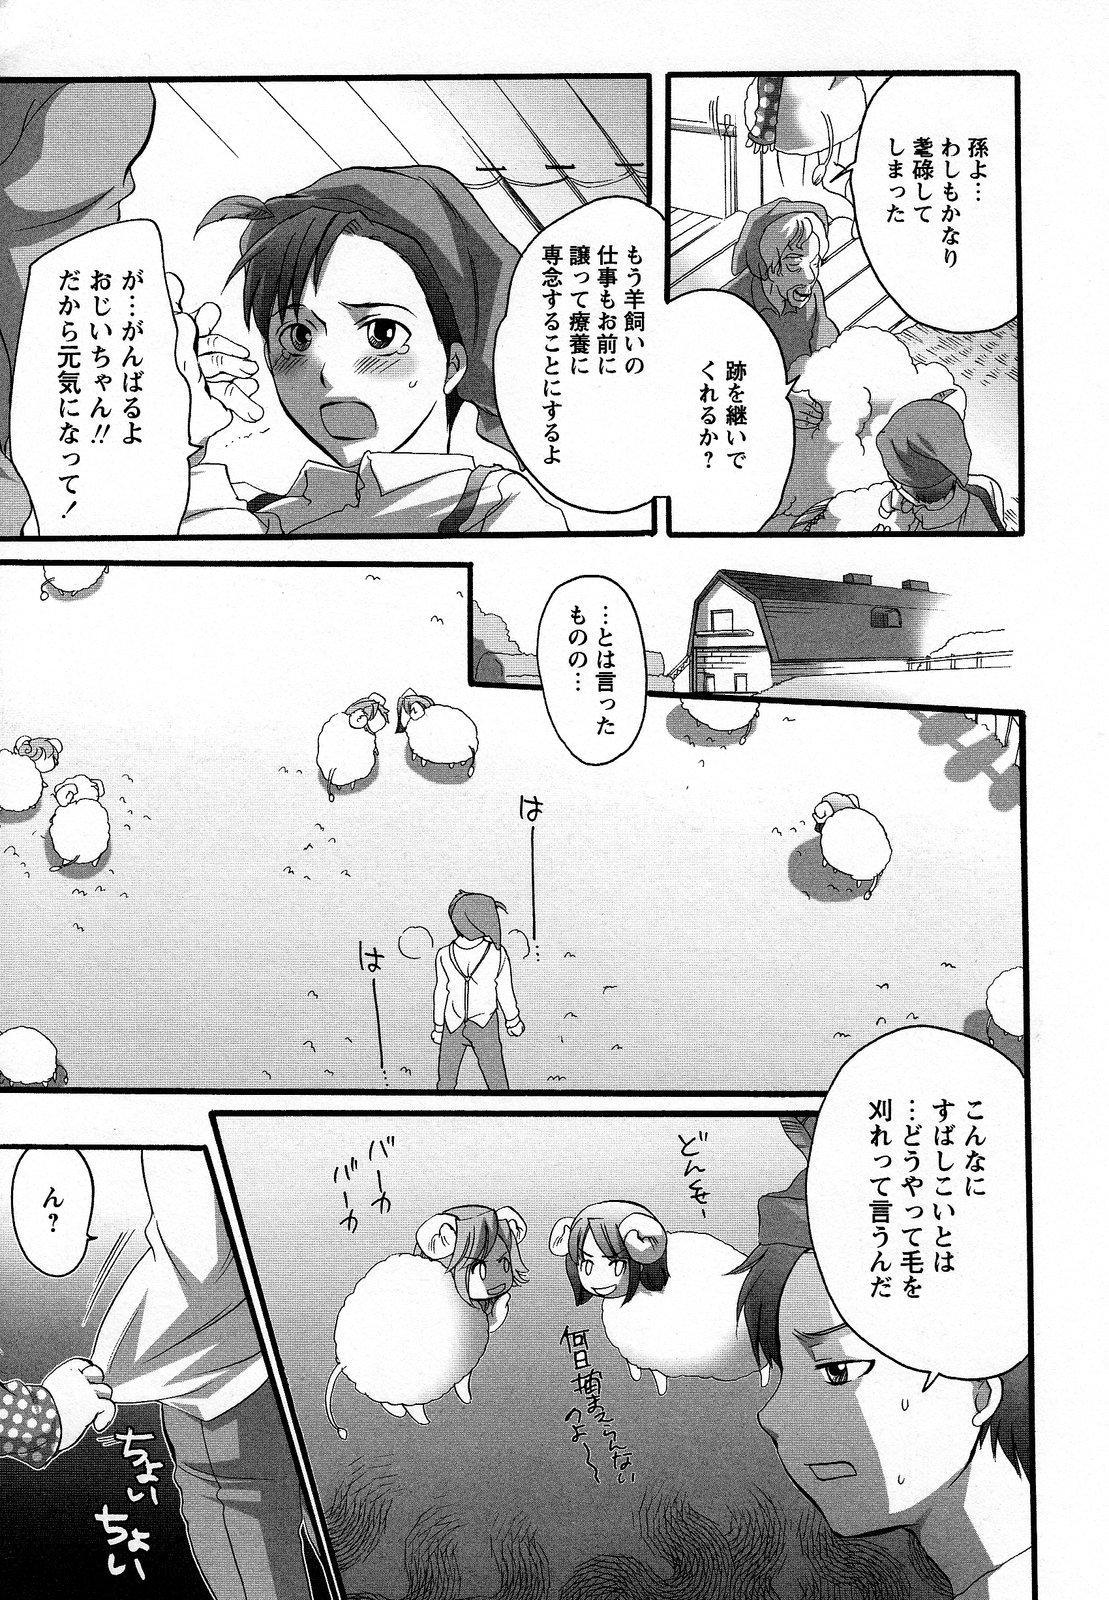 Boku ga Onee-sama no Mesu Dorei ni Narutoki 160